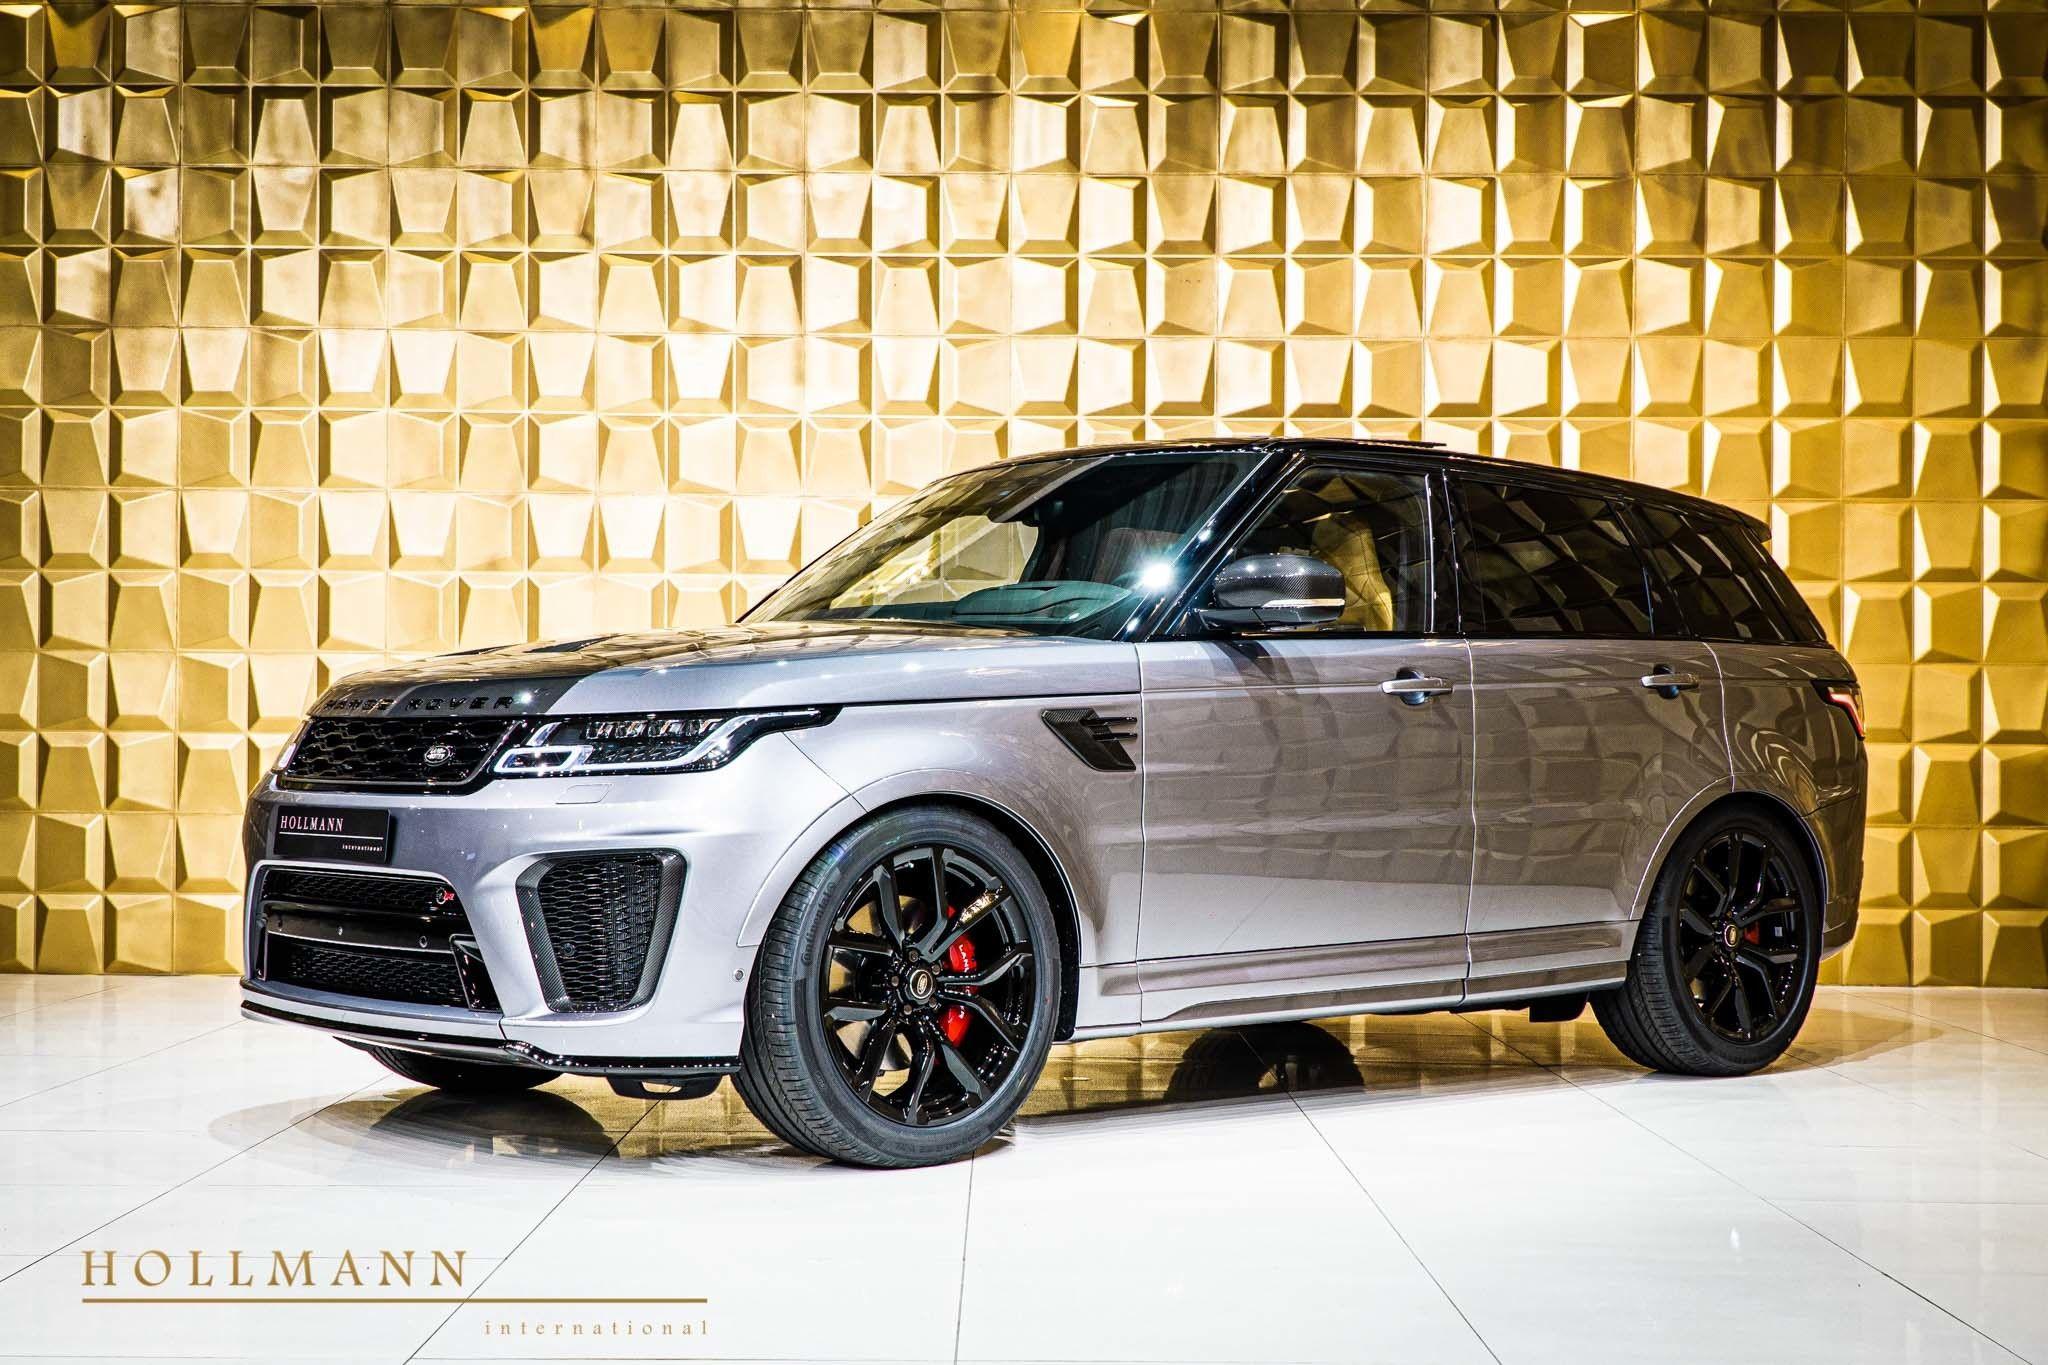 Land Rover Range Rover Sport 5 0 V8 Svr Luxury Pulse Cars Germany For Sale On Luxurypulse Range Rover Sport Range Rover Range Rover Sport V8